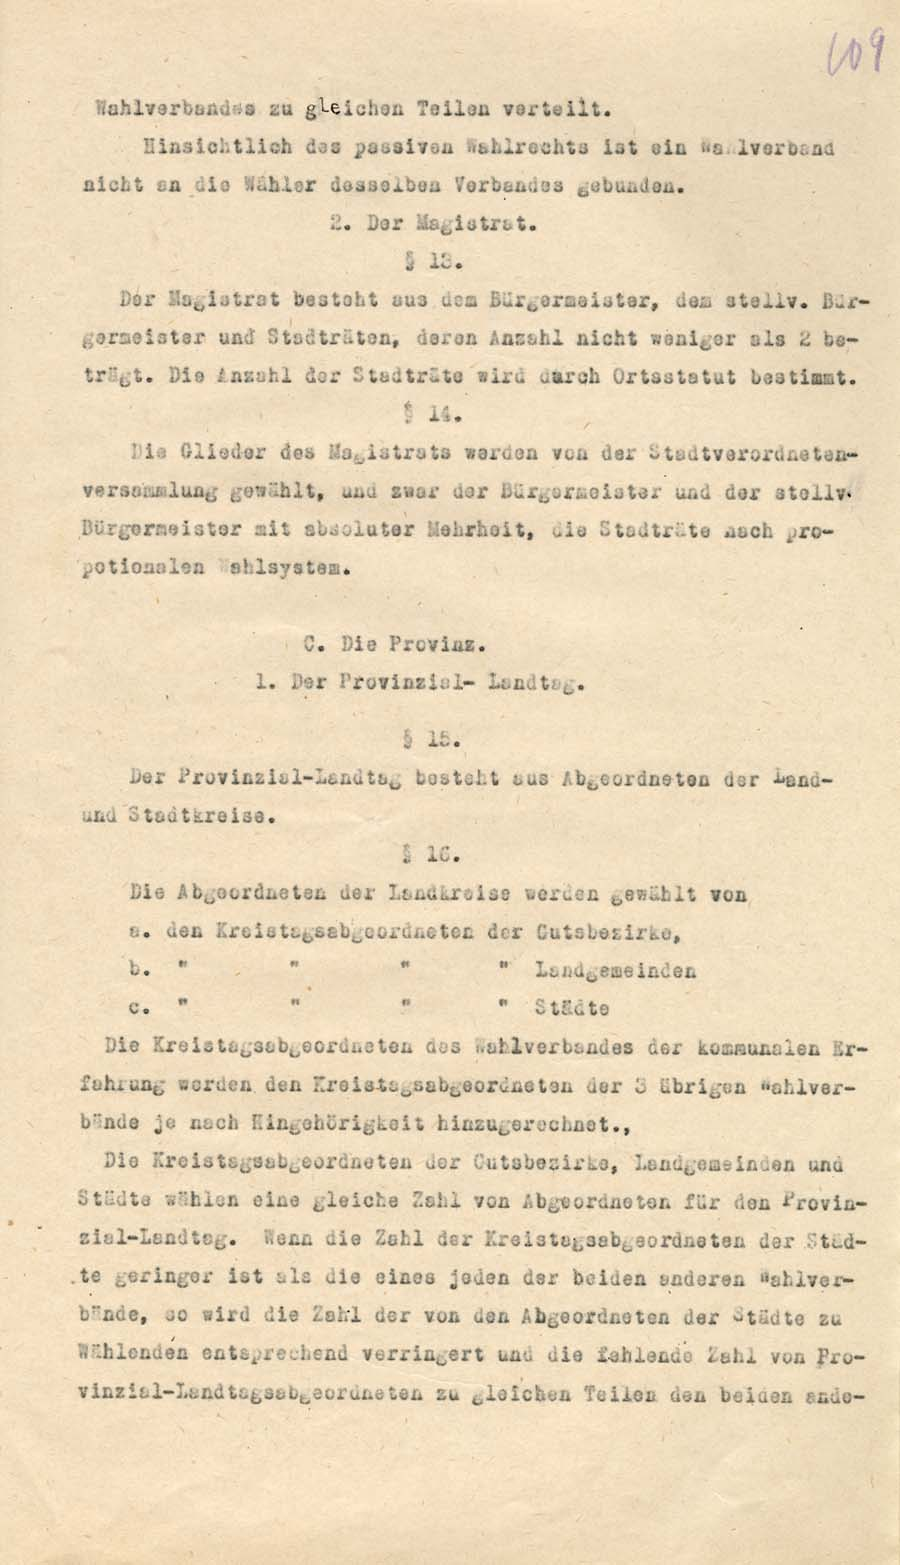 Oktoobris 1918 valmib Eesti- ja Liivimaa ühise maanõukogu välja töötatud Balti hertsogiriigi põhiseaduse kava. Selles pannakse paika valitsemiskord kohalikul (kreis, linn ja provints) ja riigi tasandil. Kõrgem esinduskogu pidi olema kahekojaline (senat ja Balti maapäev). Riigi eesotsas seisis mõistagi monarh. RA, EAA.957.1.306, l. 109